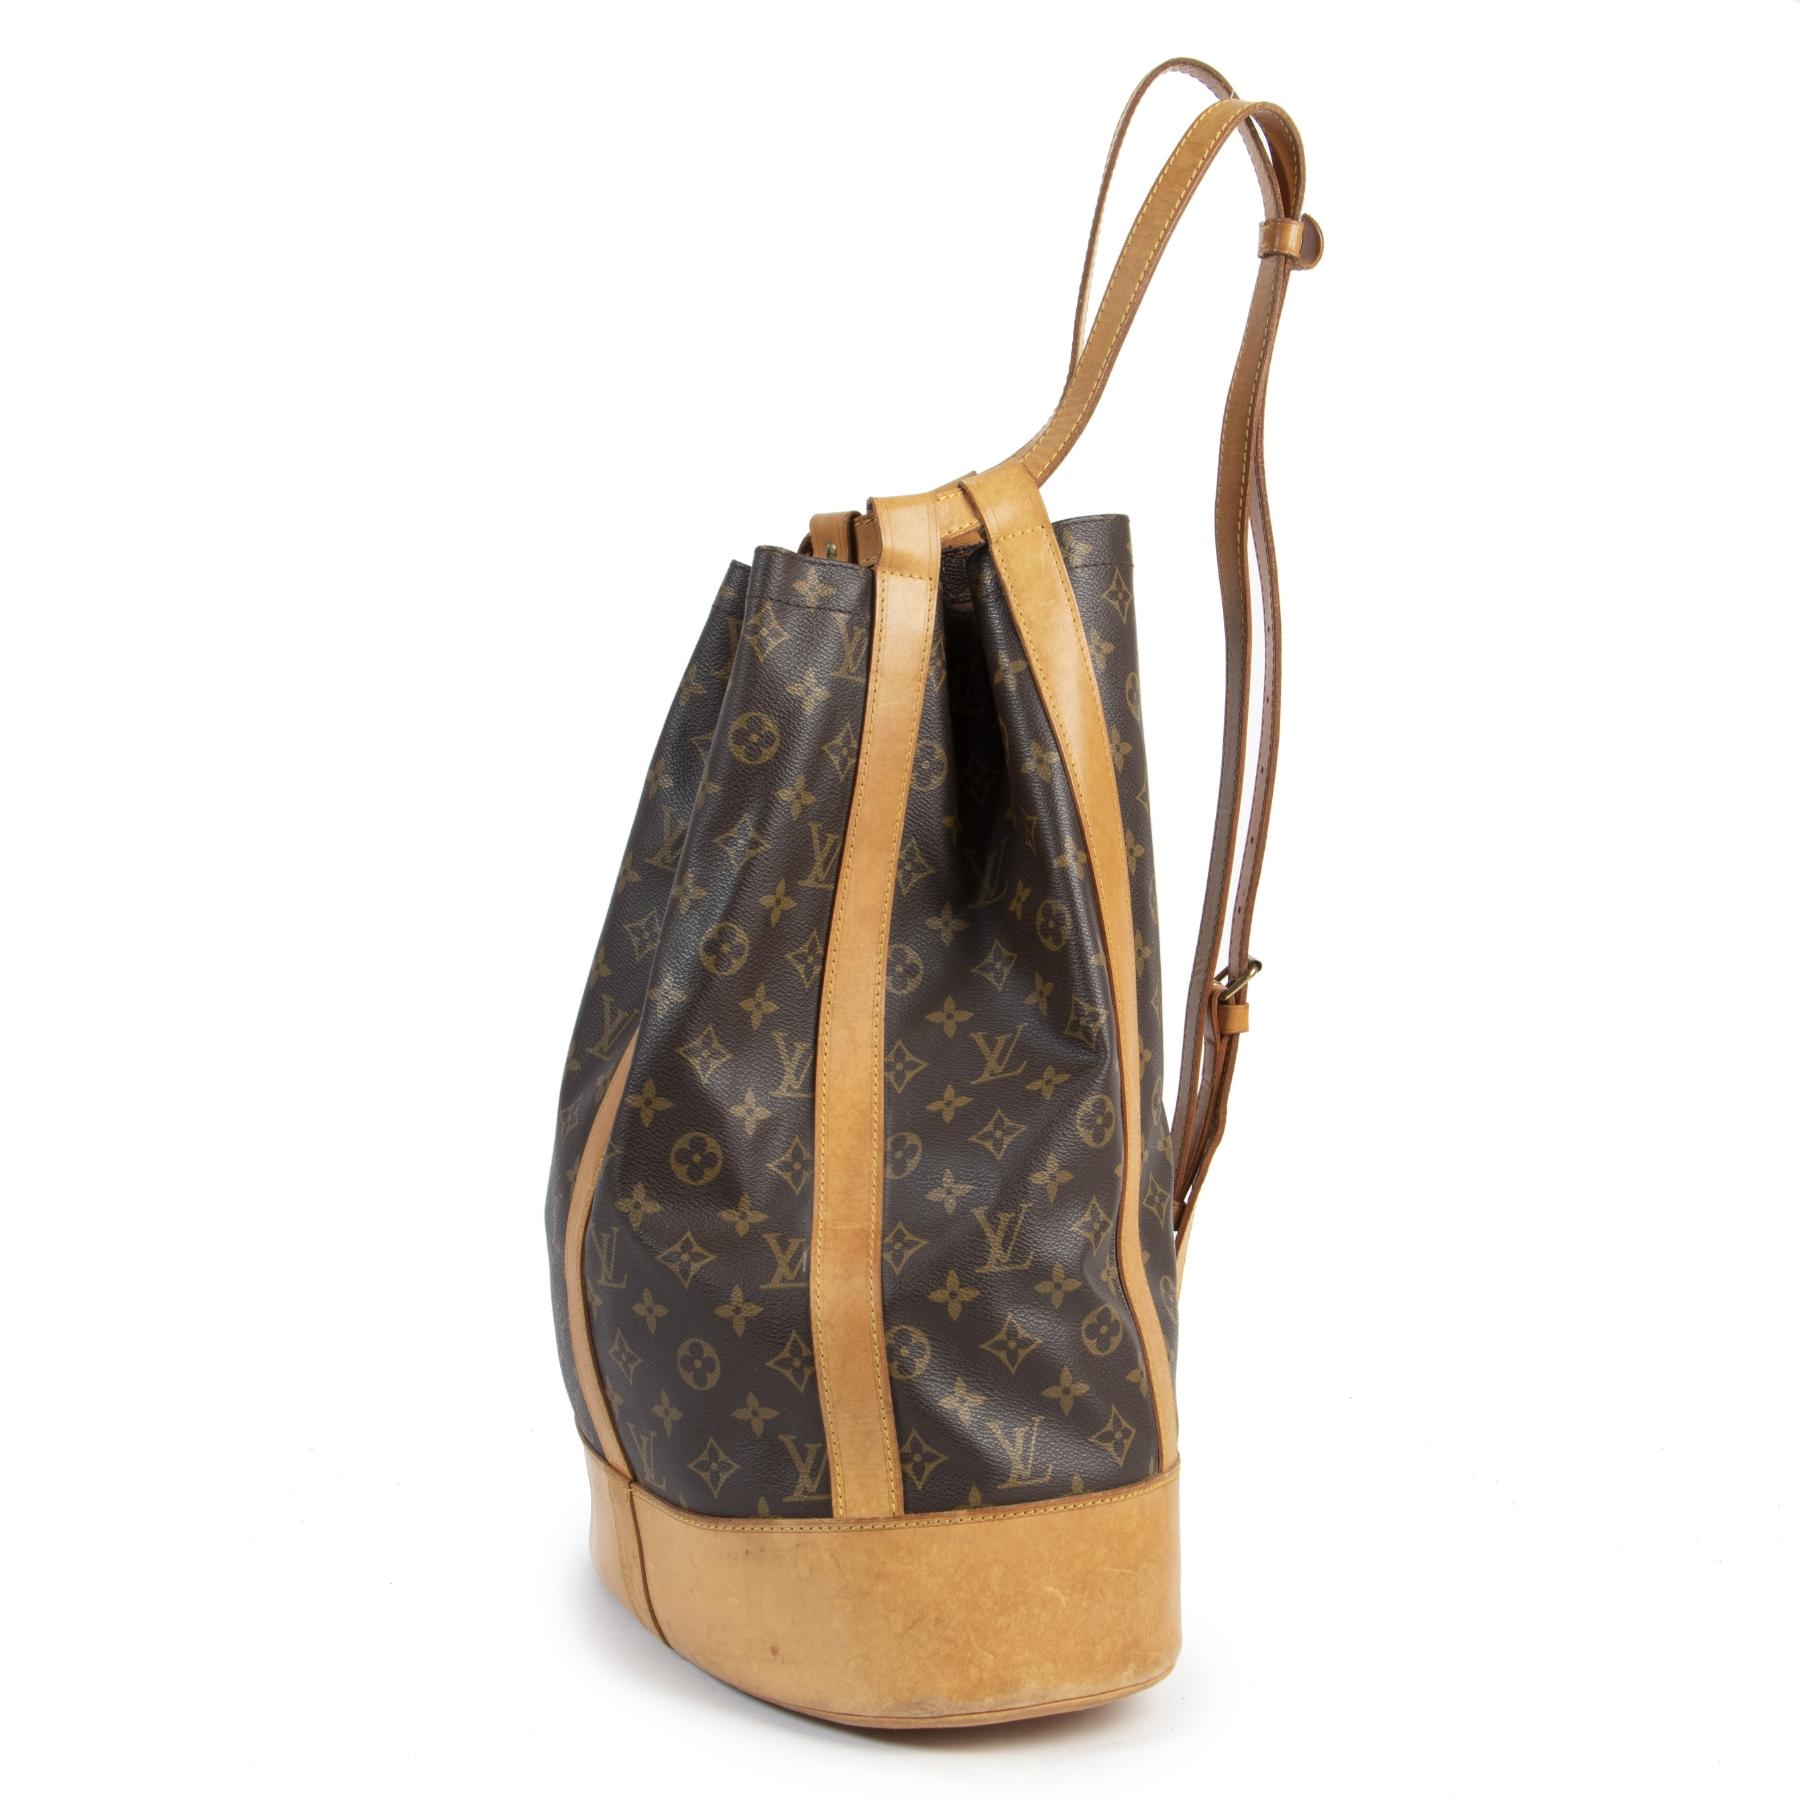 Authentieke Tweedehands Louis Vuitton Monogram Randonnee Bag juiste prijs veilig online shoppen luxe merken webshop winkelen Antwerpen België mode fashion